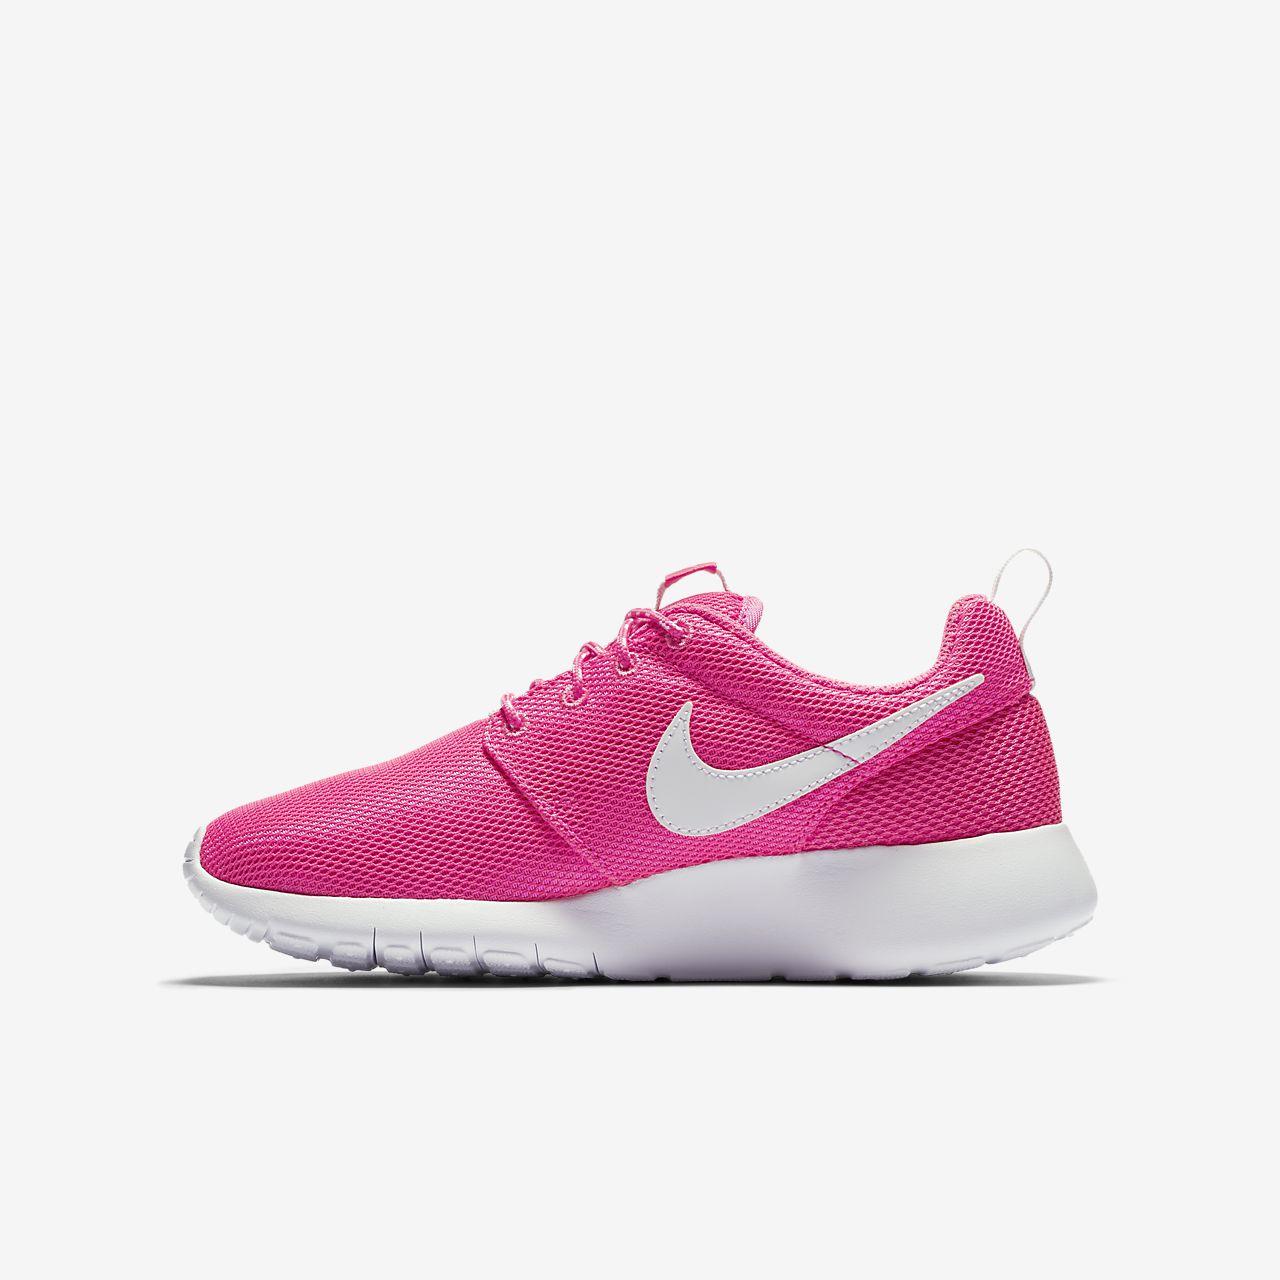 57db1219e02f1 Nike Roshe One Older Kids  Shoe. Nike.com GB